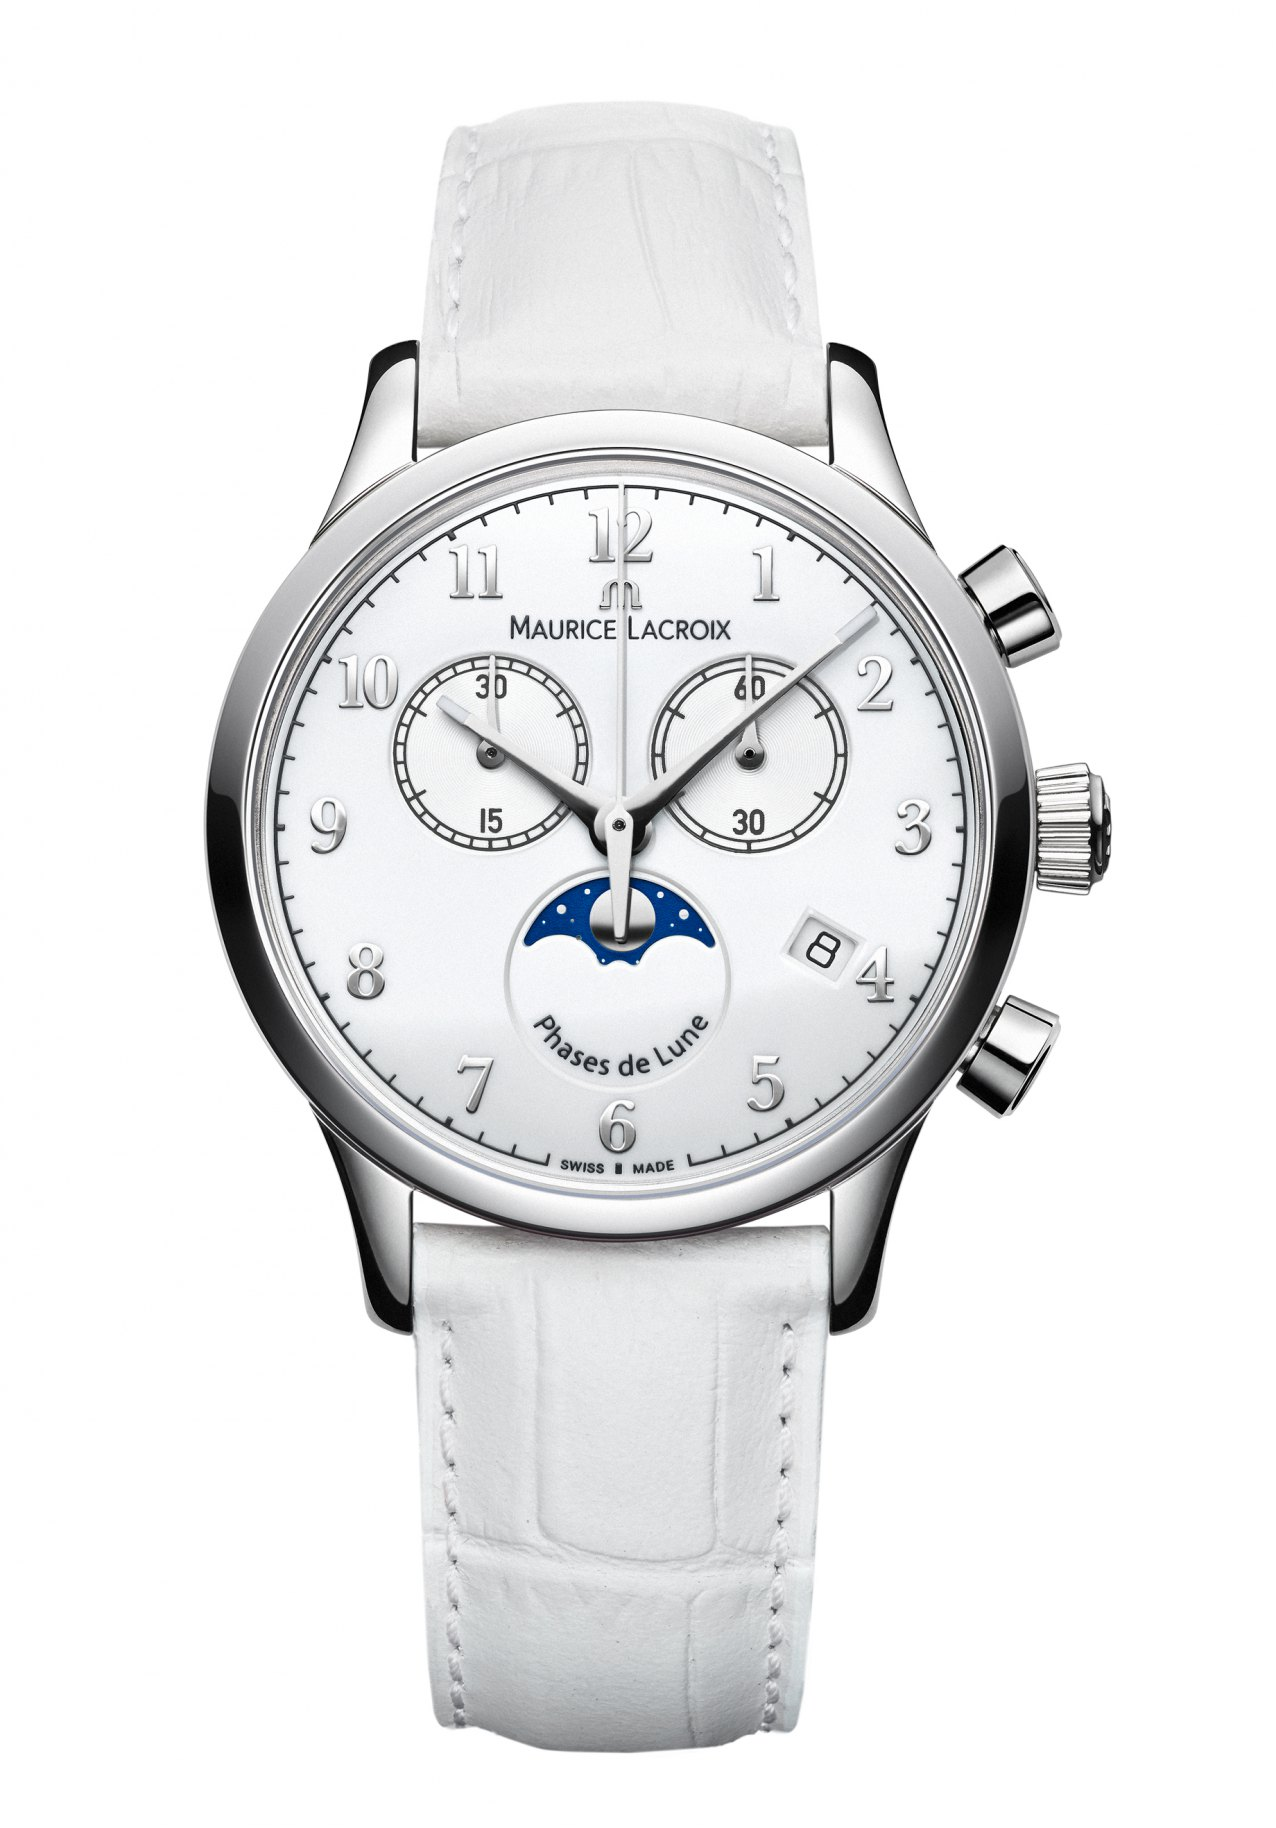 Damenuhr Les Chronograph Maurice Nur 00 Lacroix Classiques Mondphase 675 IYEW9DH2